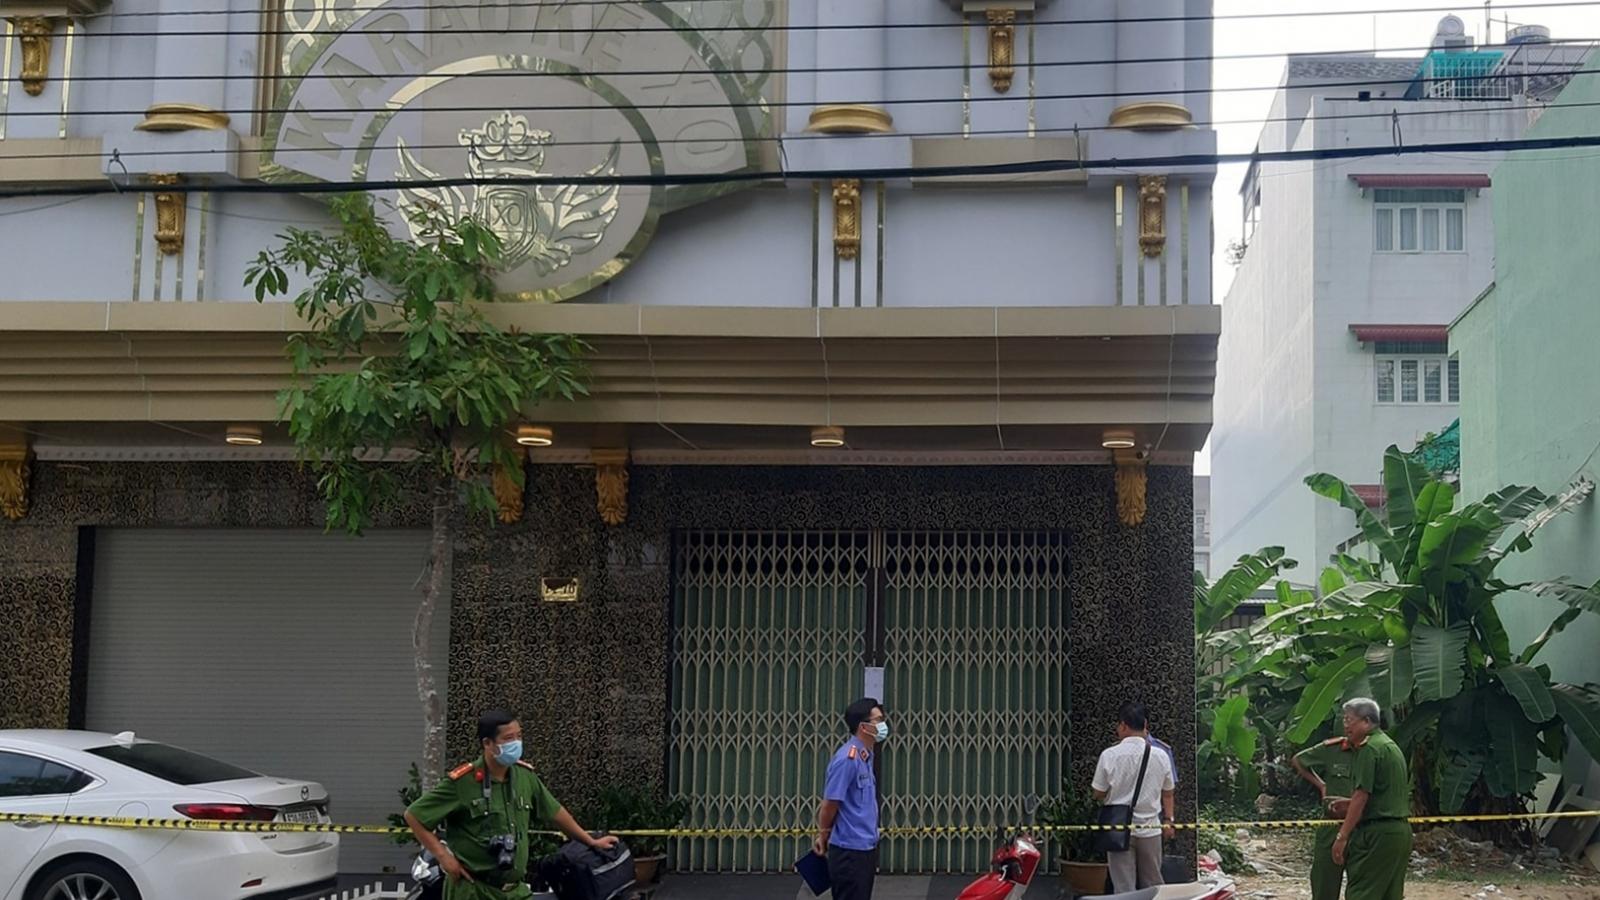 Tiền Giang kiến nghị rút giấy phép hoạt động Karaoke X.O